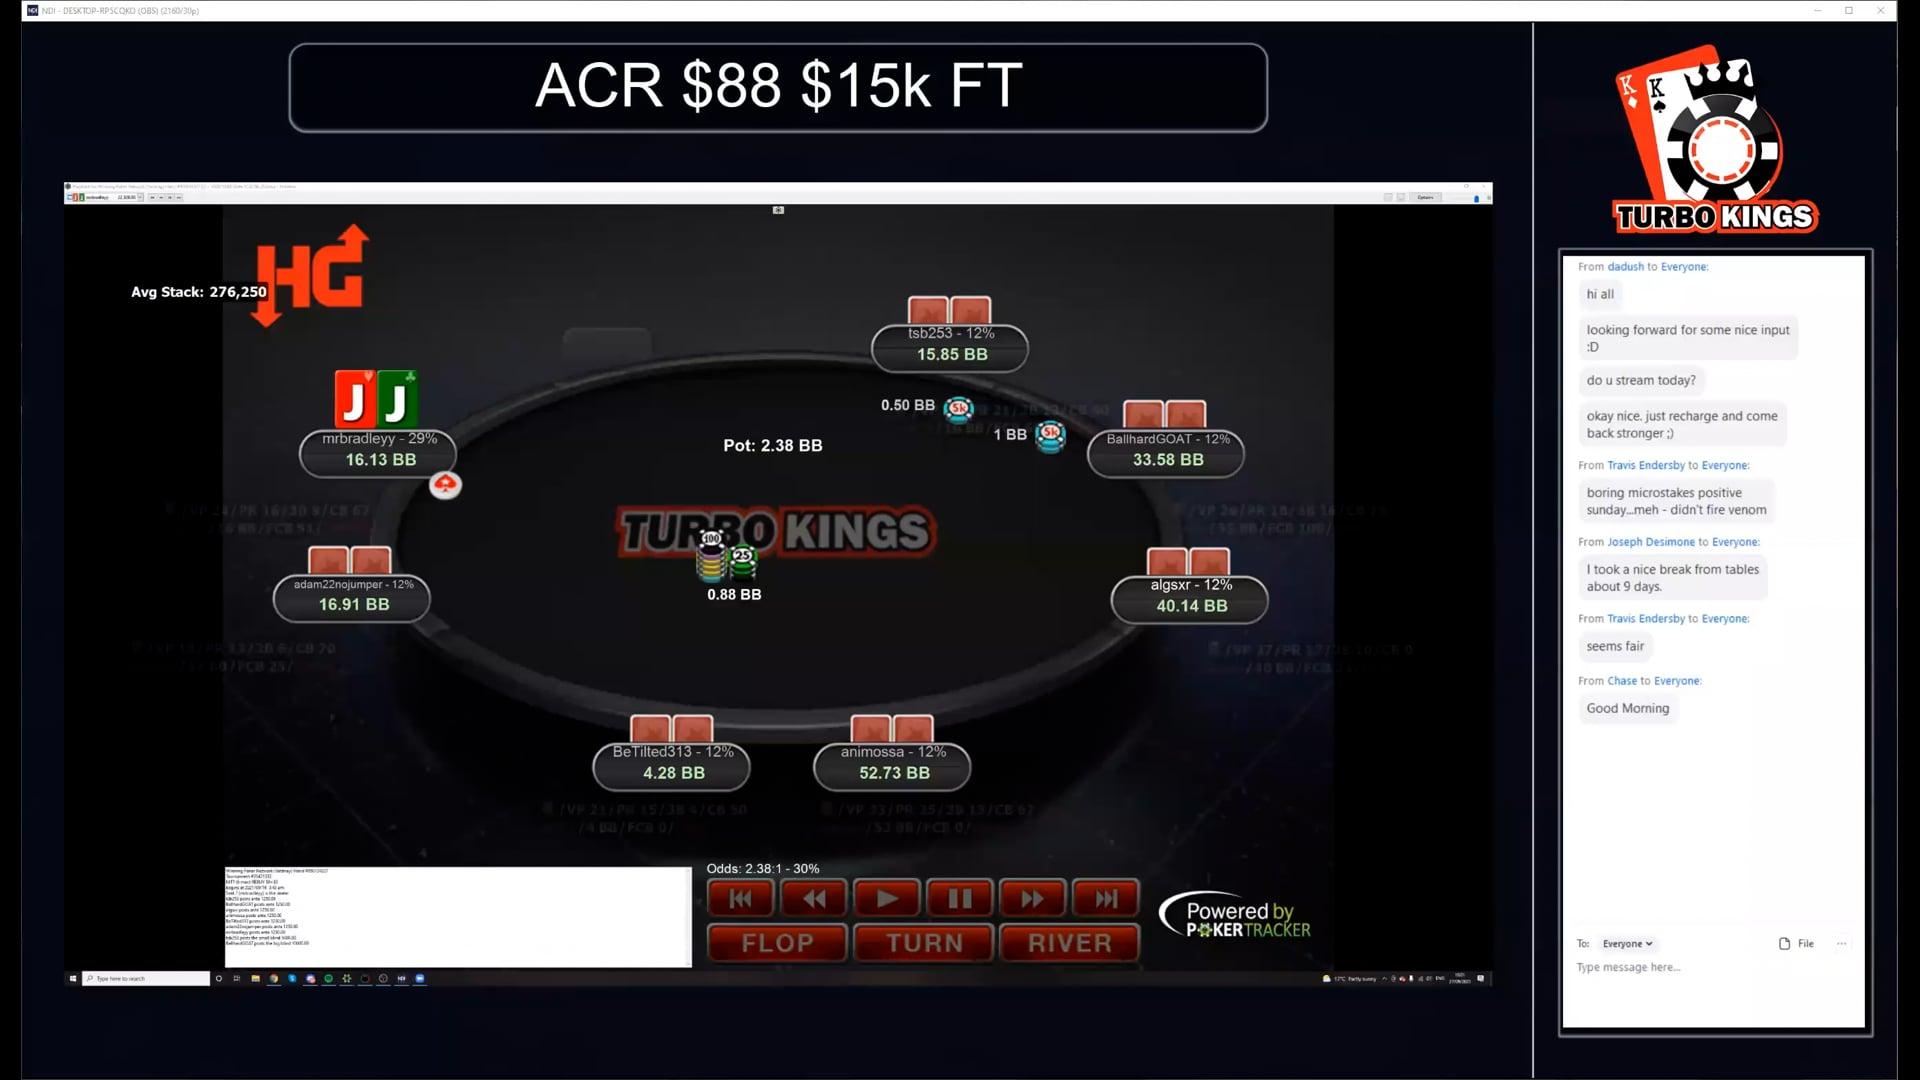 2021_09_27 - Brad - 88$ 15k Final Table